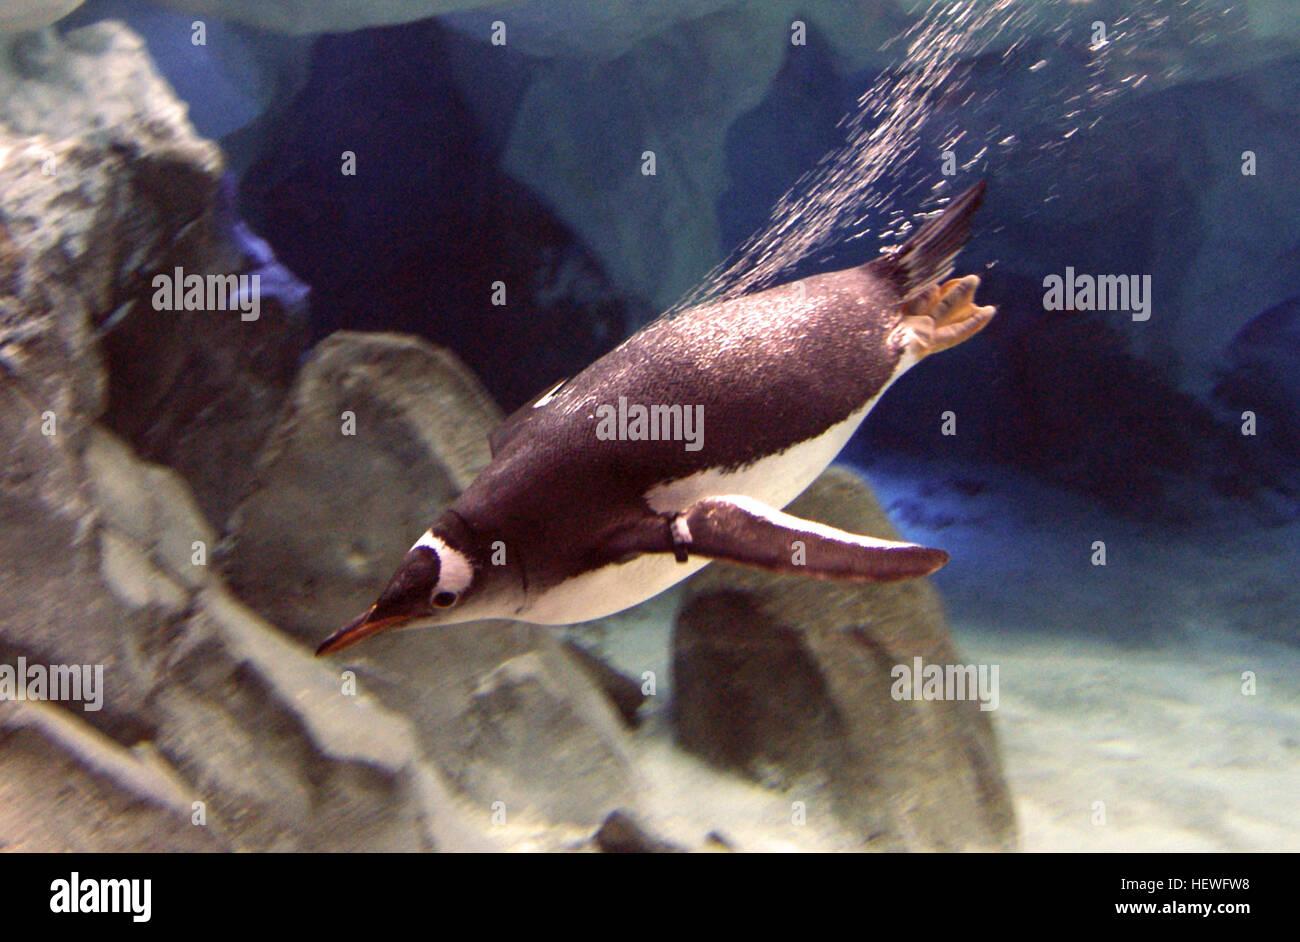 Mundo marino es un mamífero marino, el parque oceanográfico, y el parque temático situado en la Costa de Oro, Queensland, Foto de stock